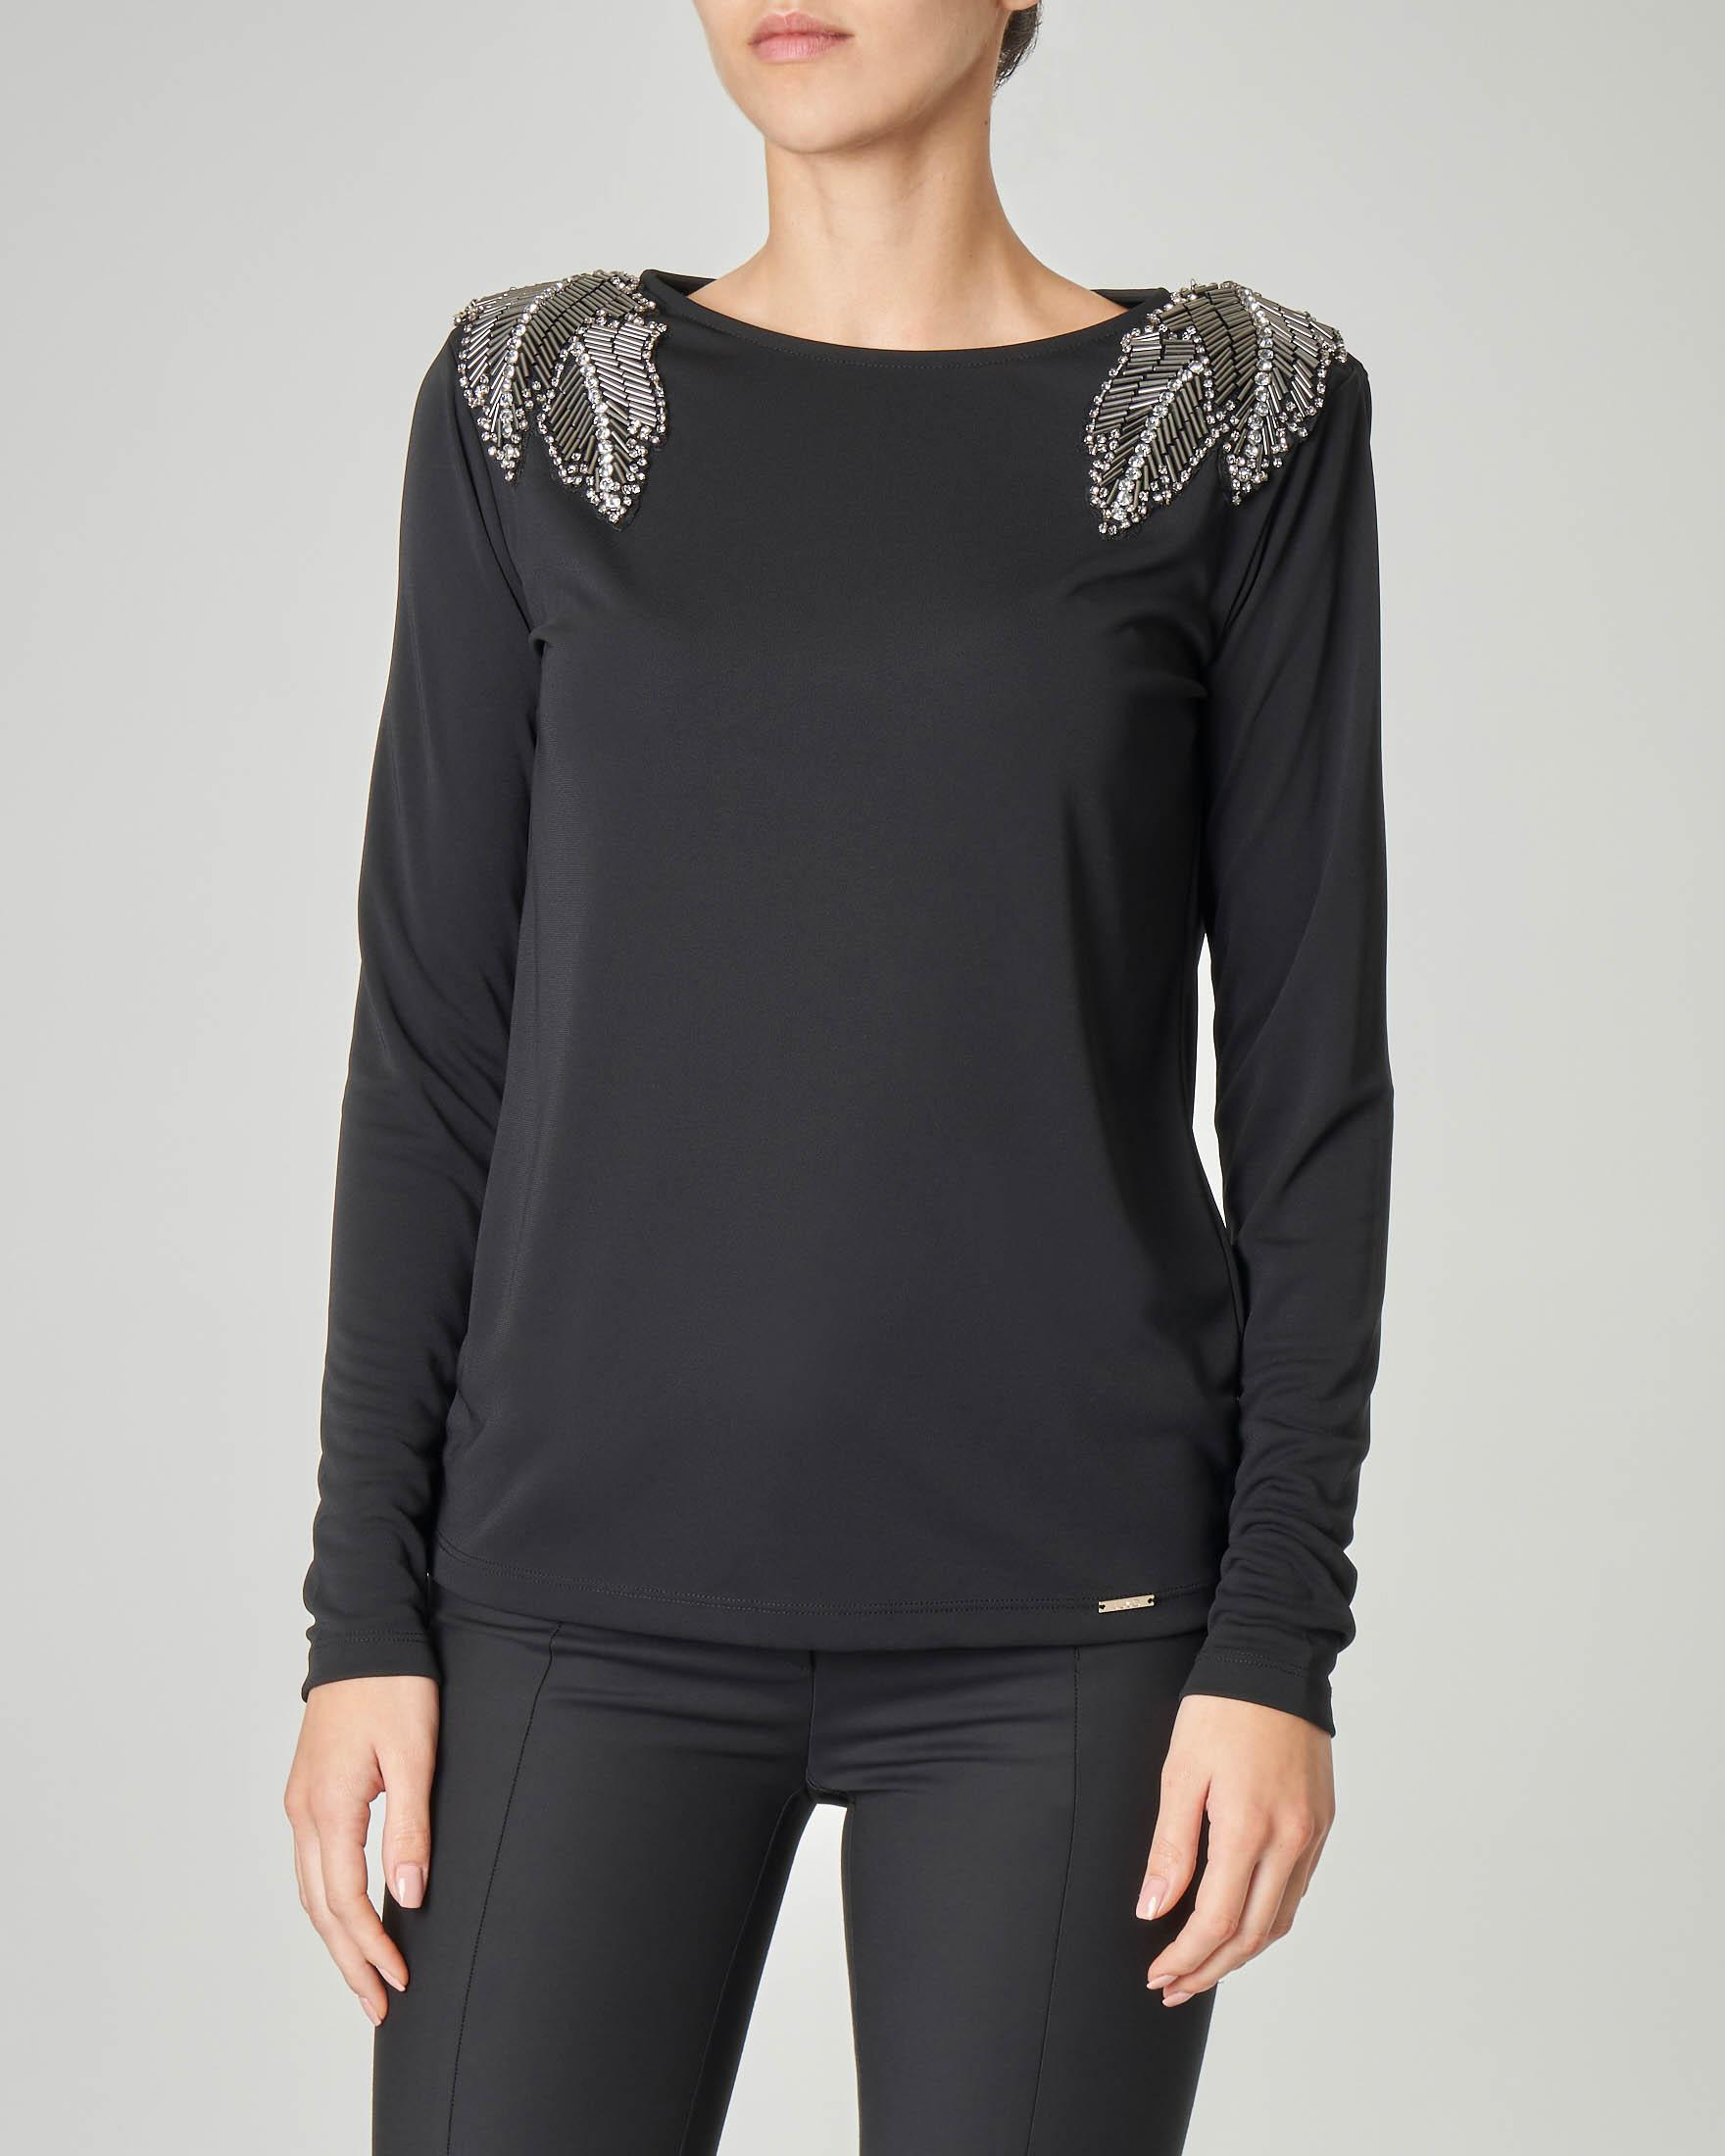 Blusa nera a maniche lunghe con applicazioni gioiello sulle spalle